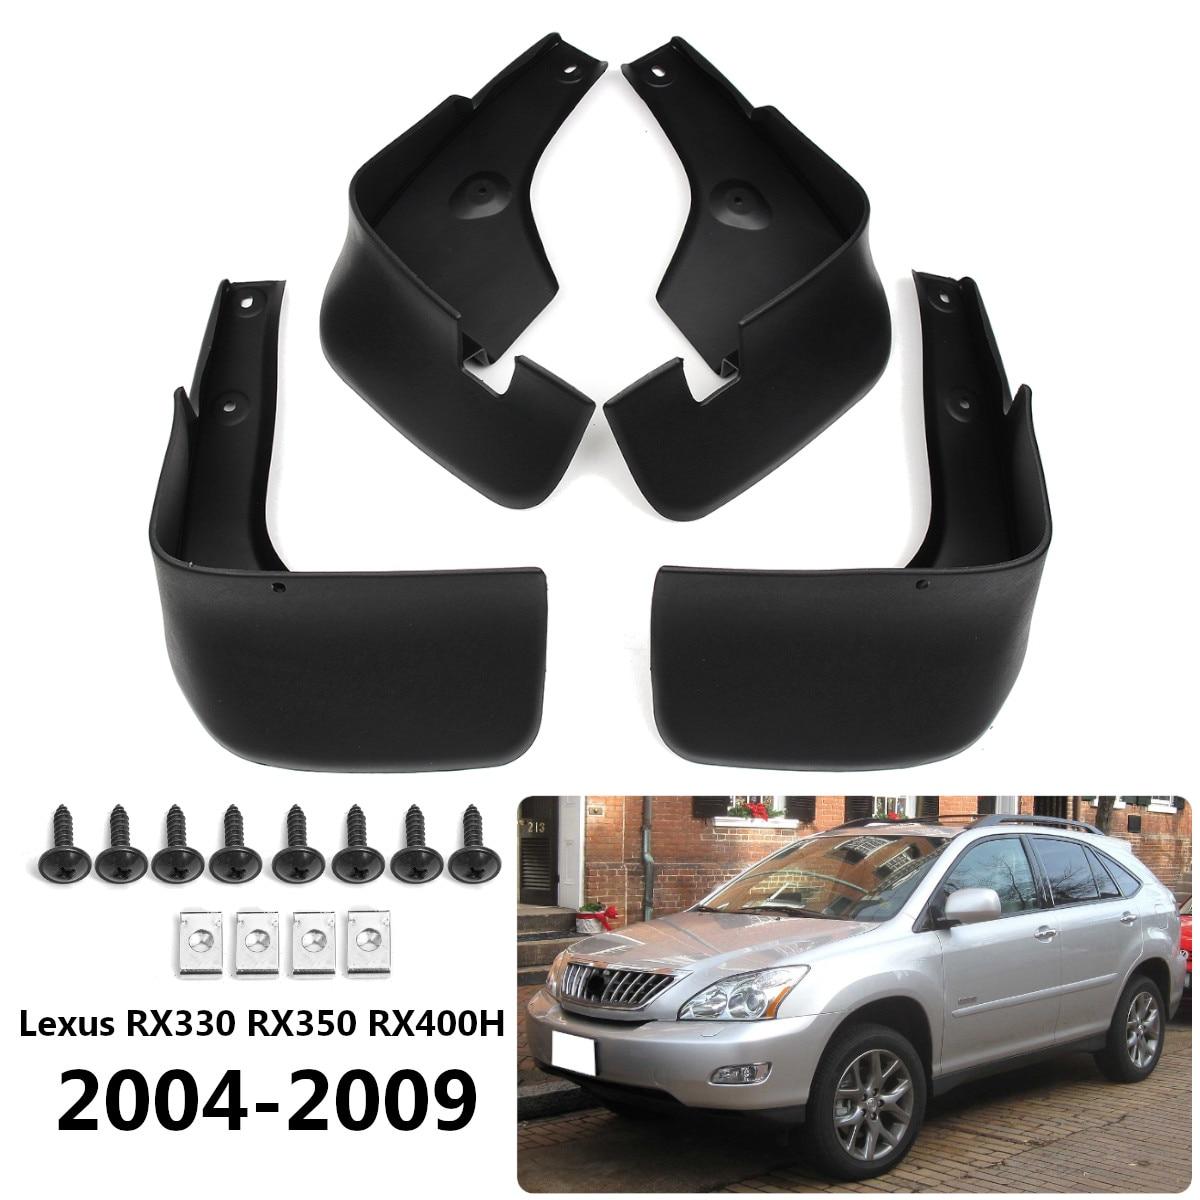 Ön arka araba çamur Flaps Lexus RX330 RX350 RX400H 2004-2009 çamurluklar çamurluklar Splash Guard çamurluk aksesuarları